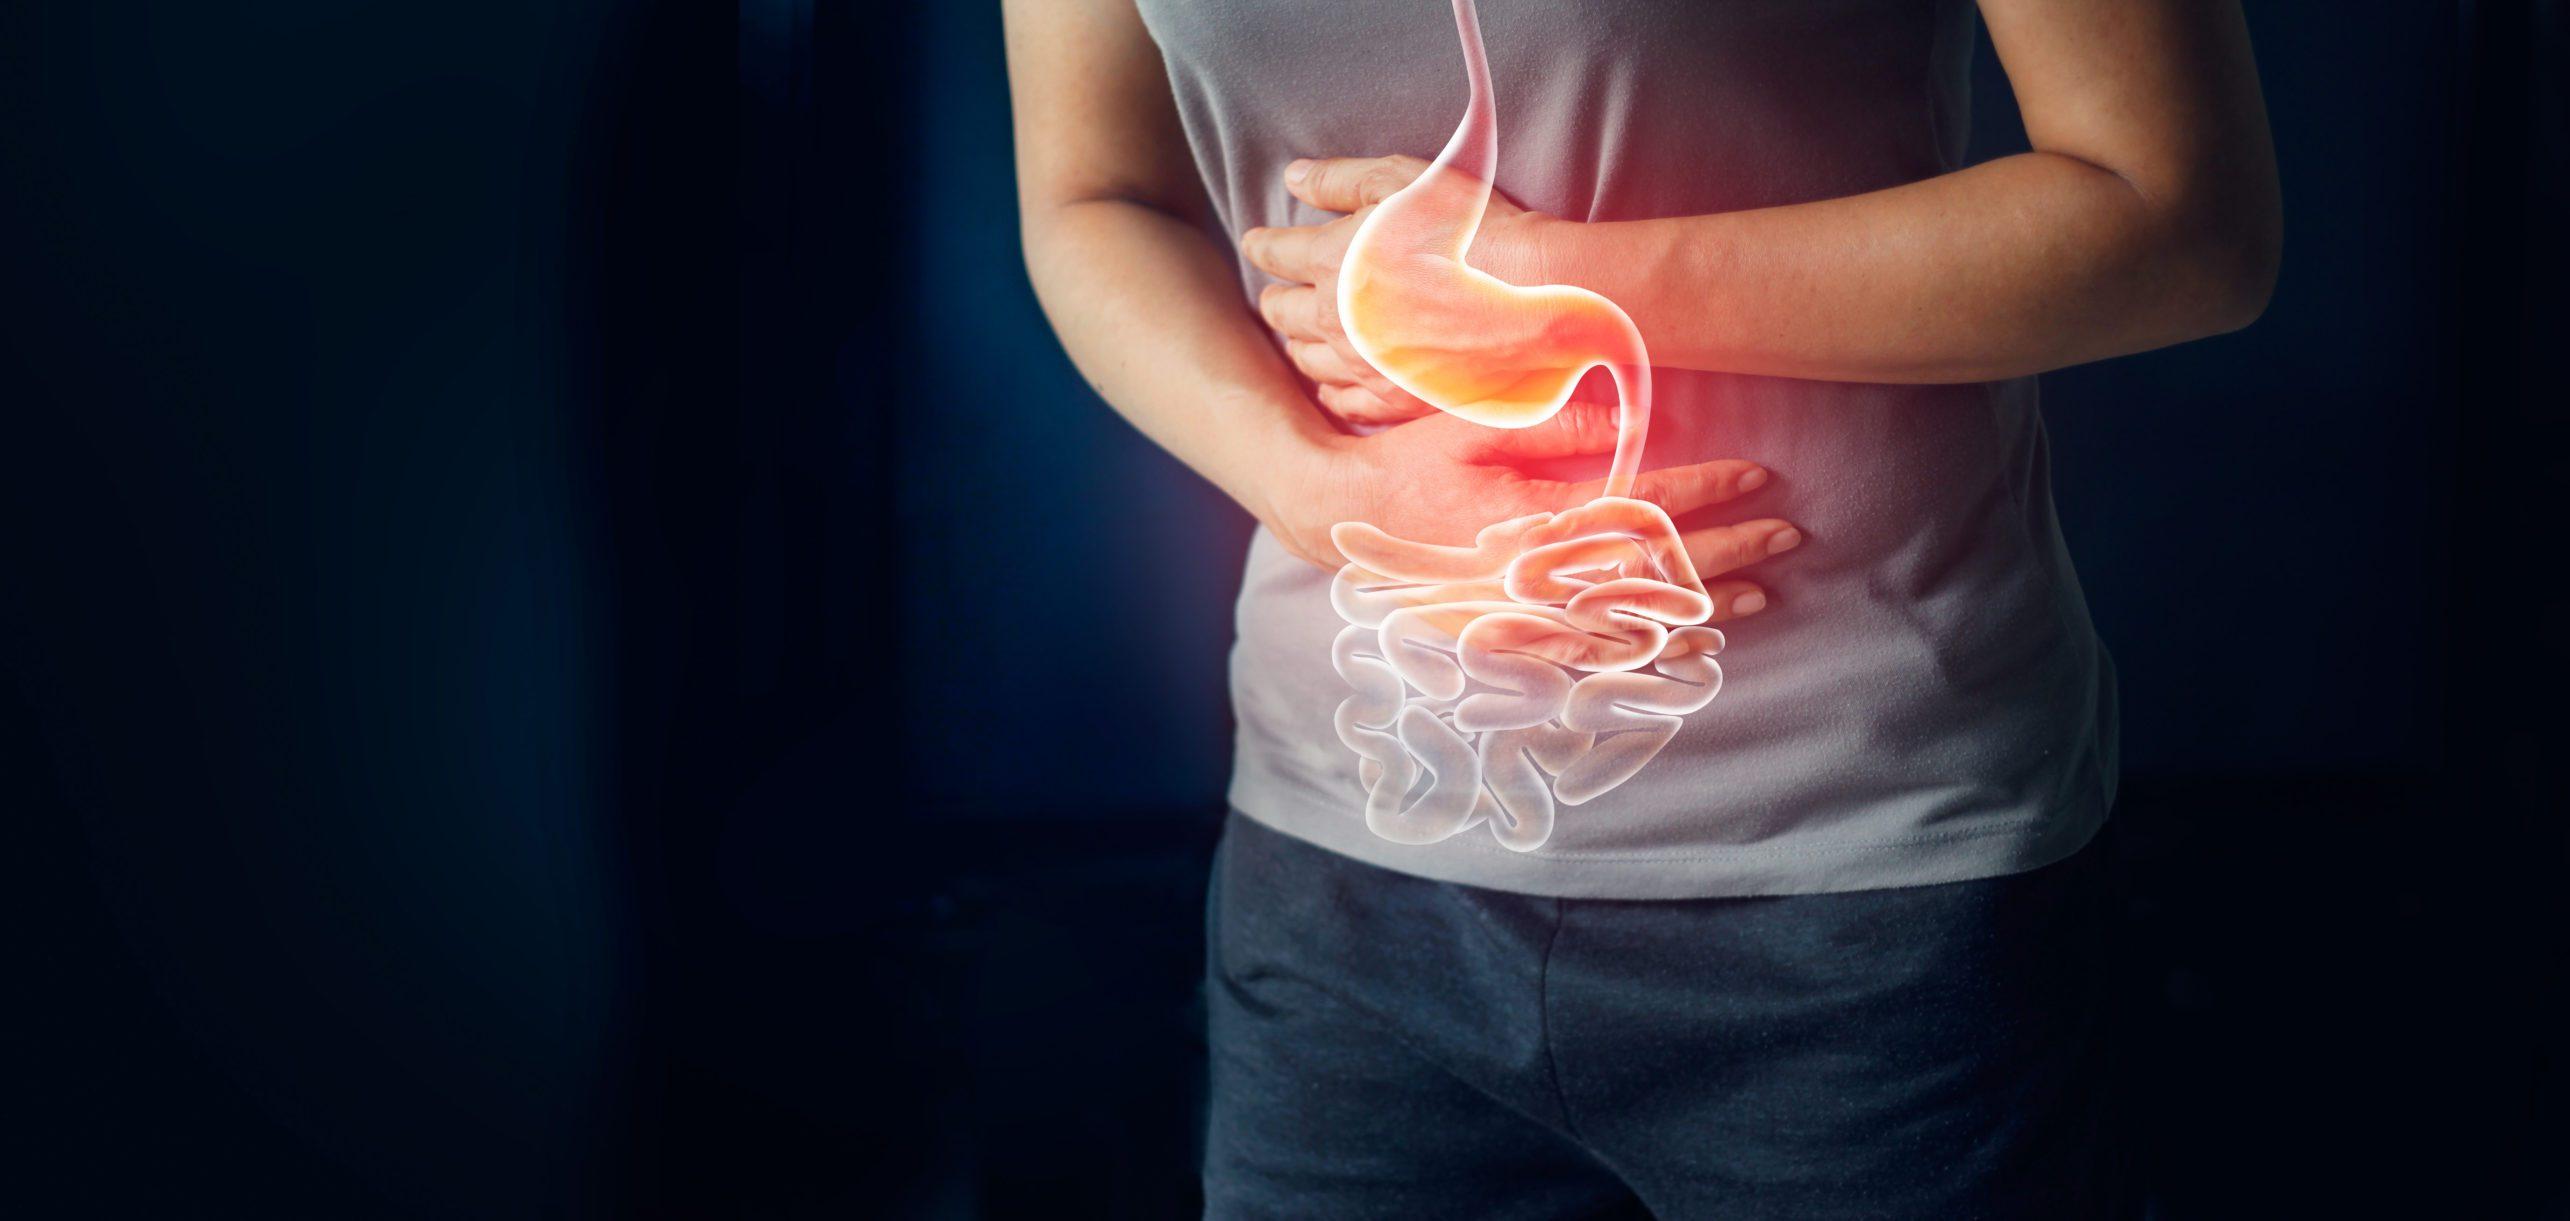 Mujer tocando el estómago doloroso que sufre de dolor de estómago causa el período de menstruación, úlcera gástrica, apendicitis o enfermedad del sistema gastrointestinal. Concepto de seguro de salud y salud